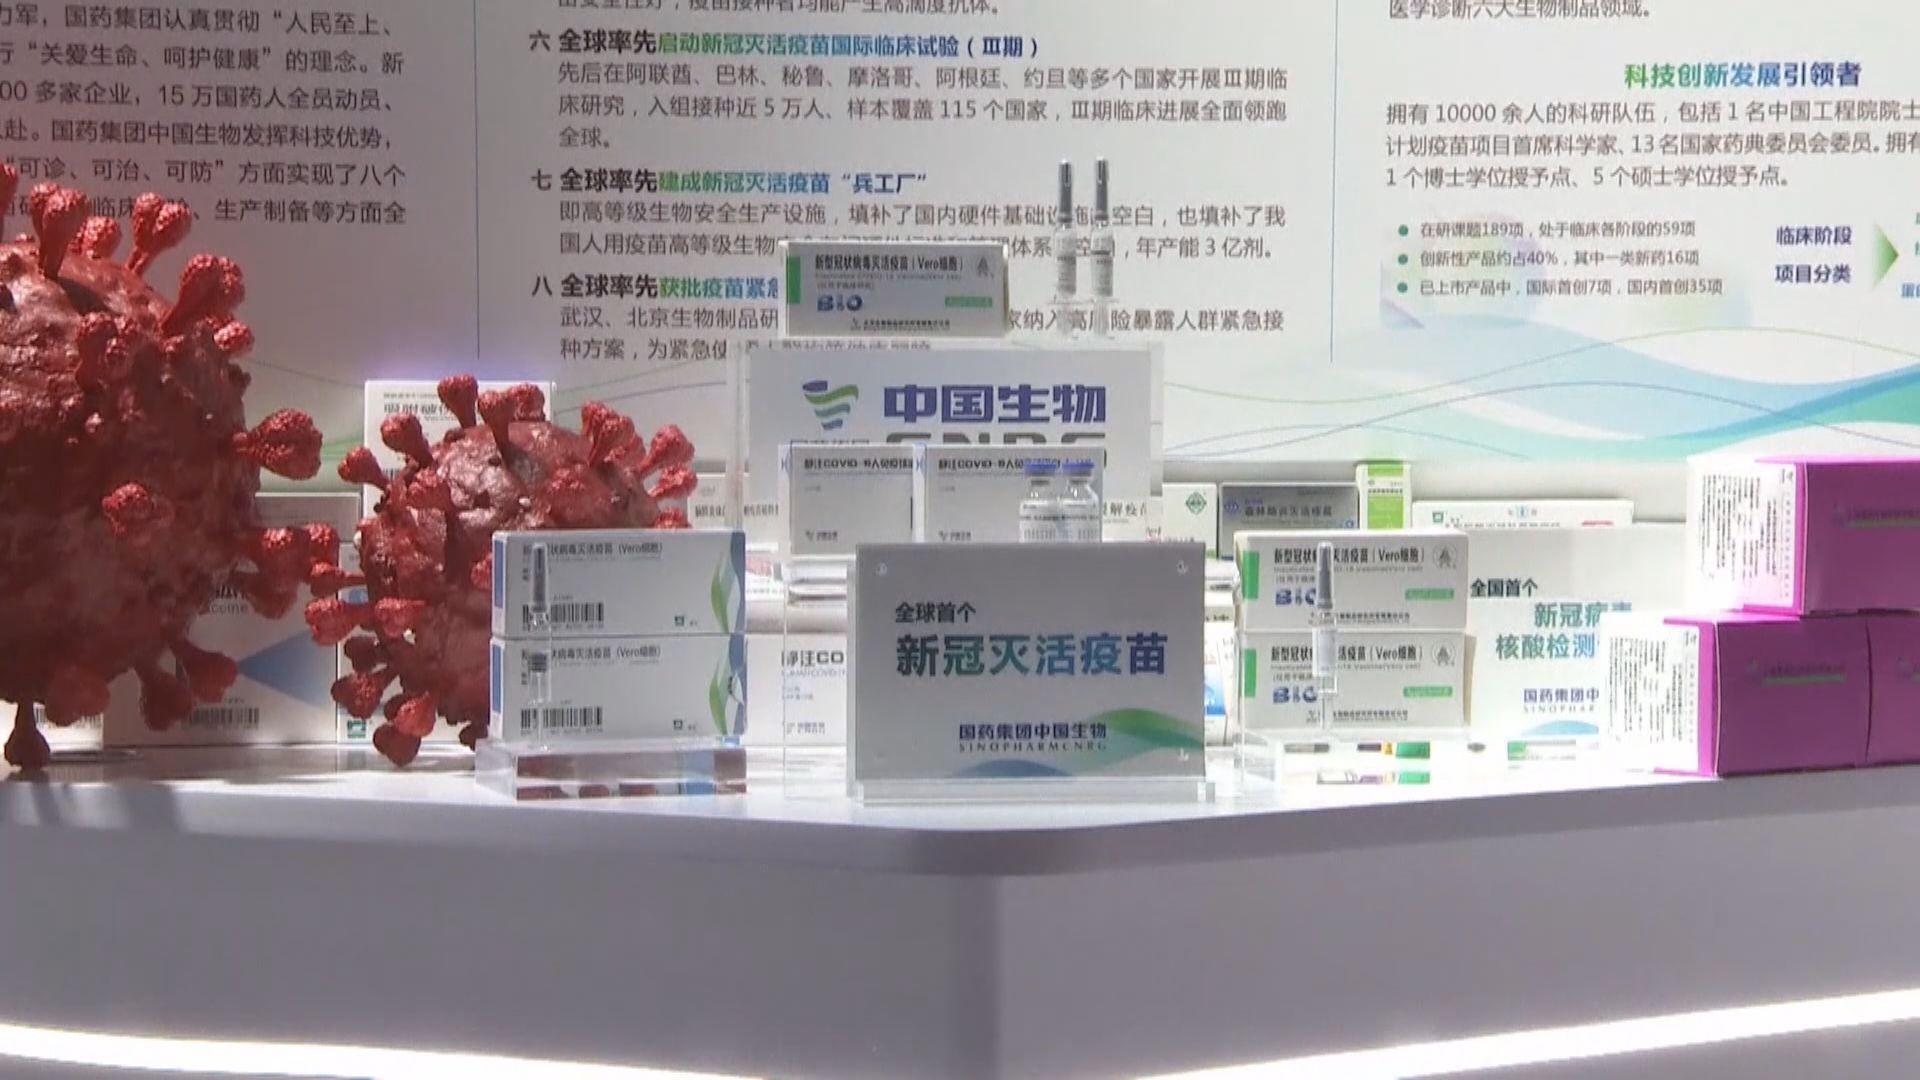 國藥集團新冠疫苗上市申請獲受理